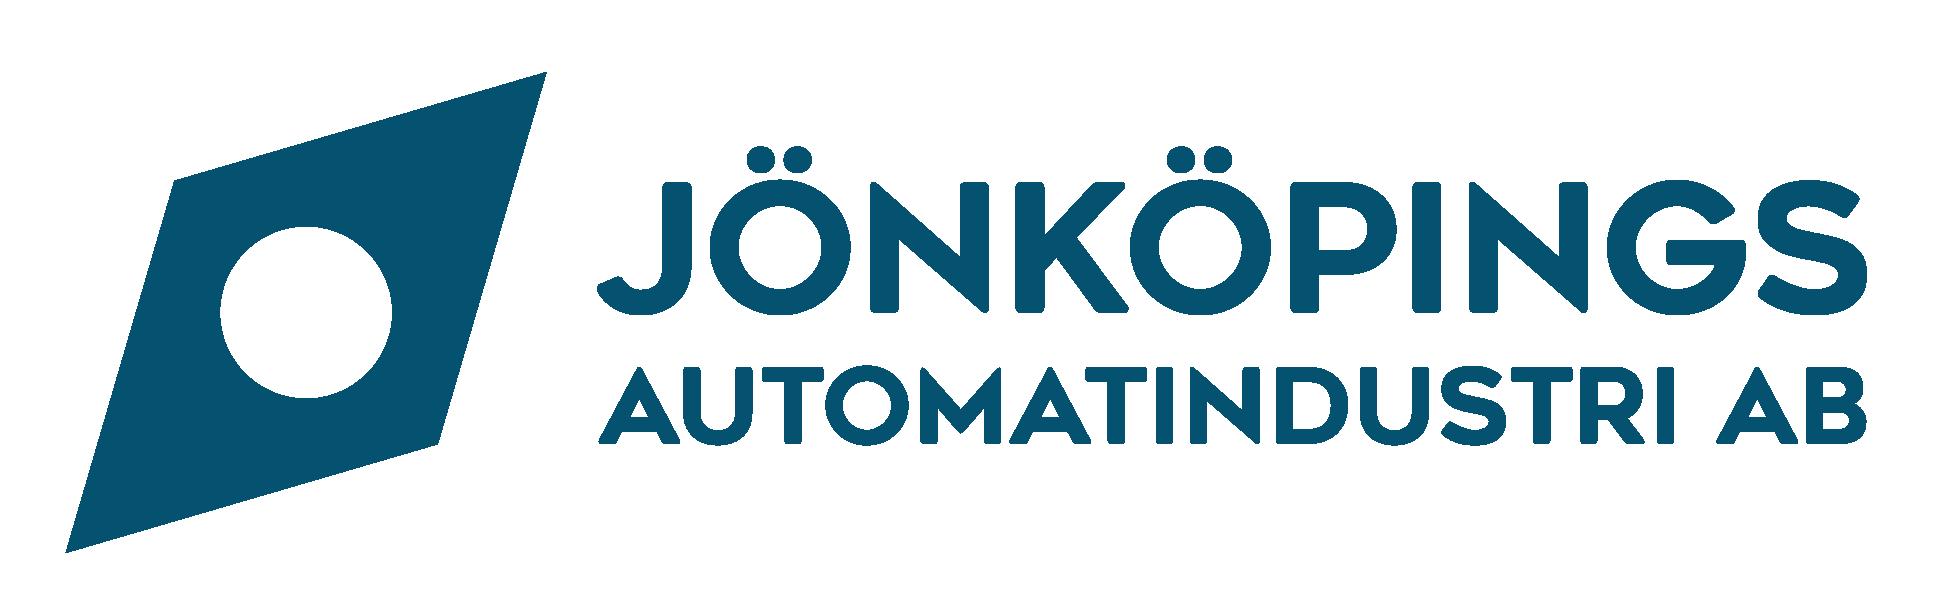 Jönköpings Automatindustri AB